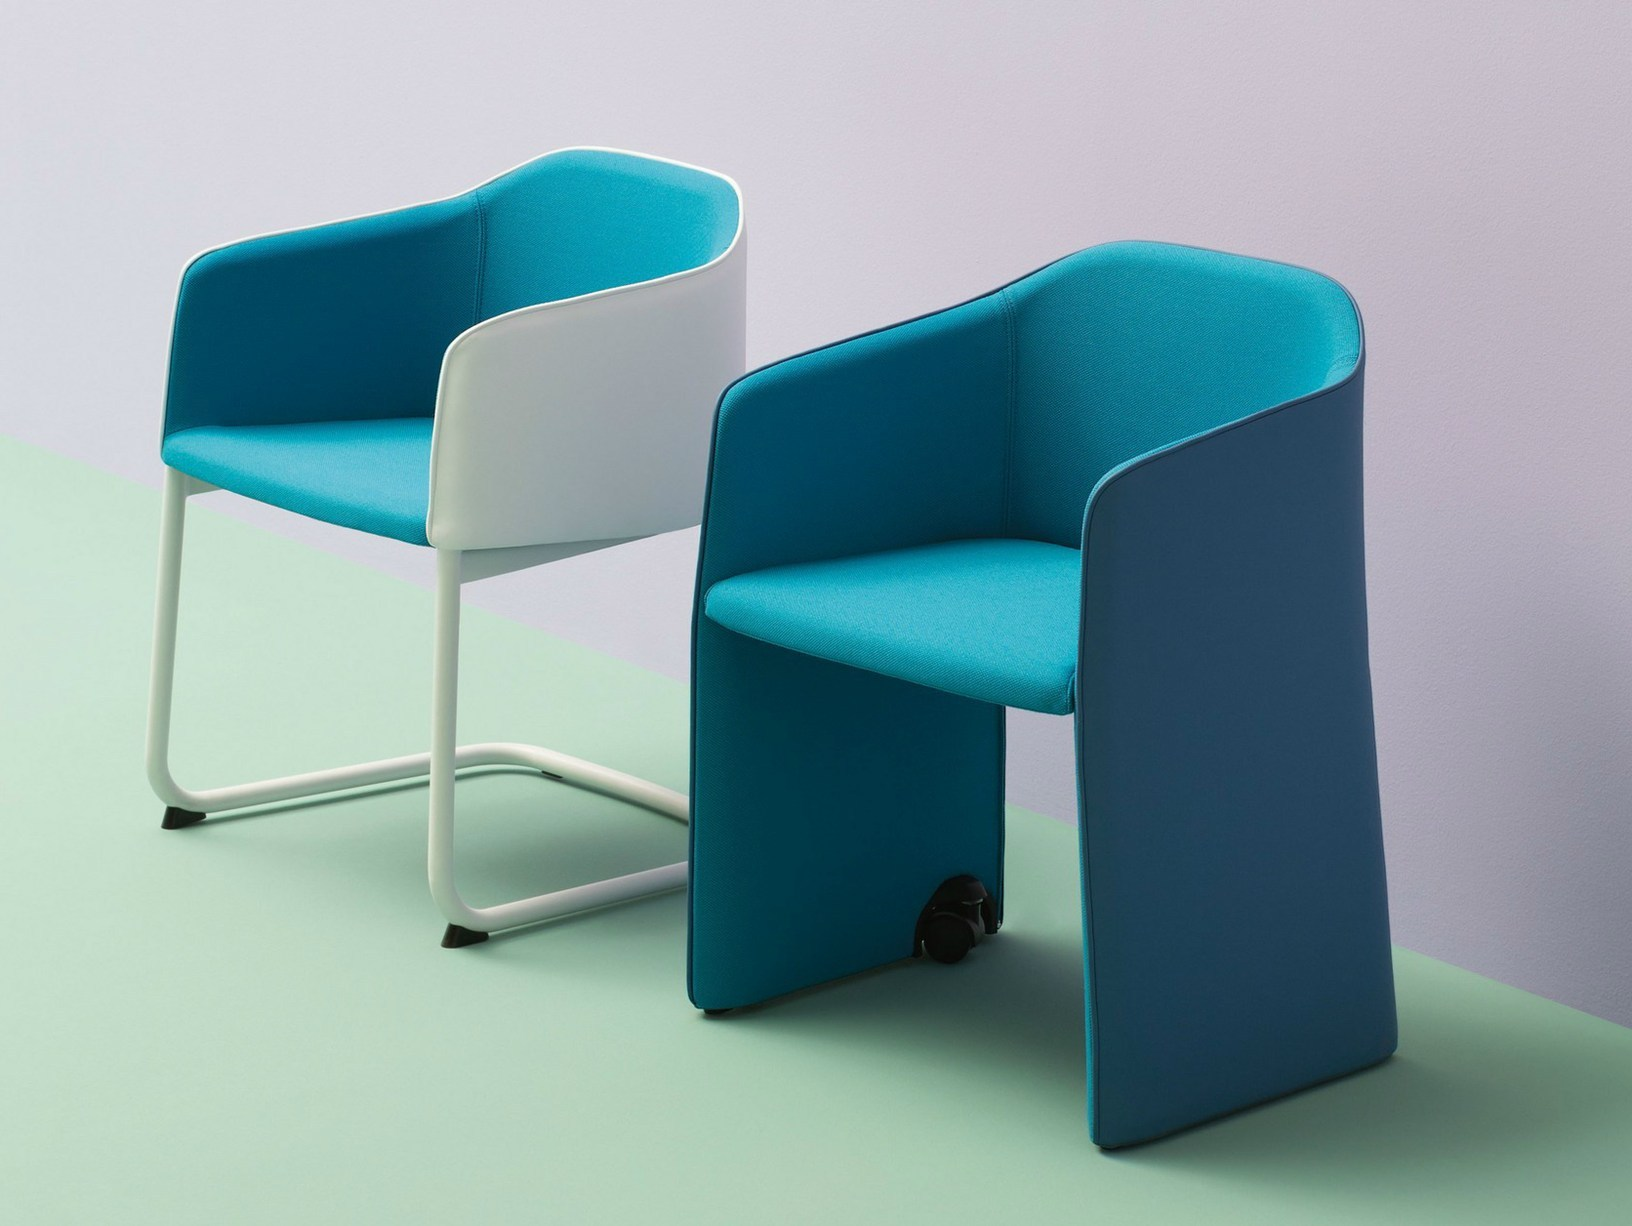 Flexible softness pedrali presenta le sedute imbottite for Avvolgere completamente intorno case di log portico